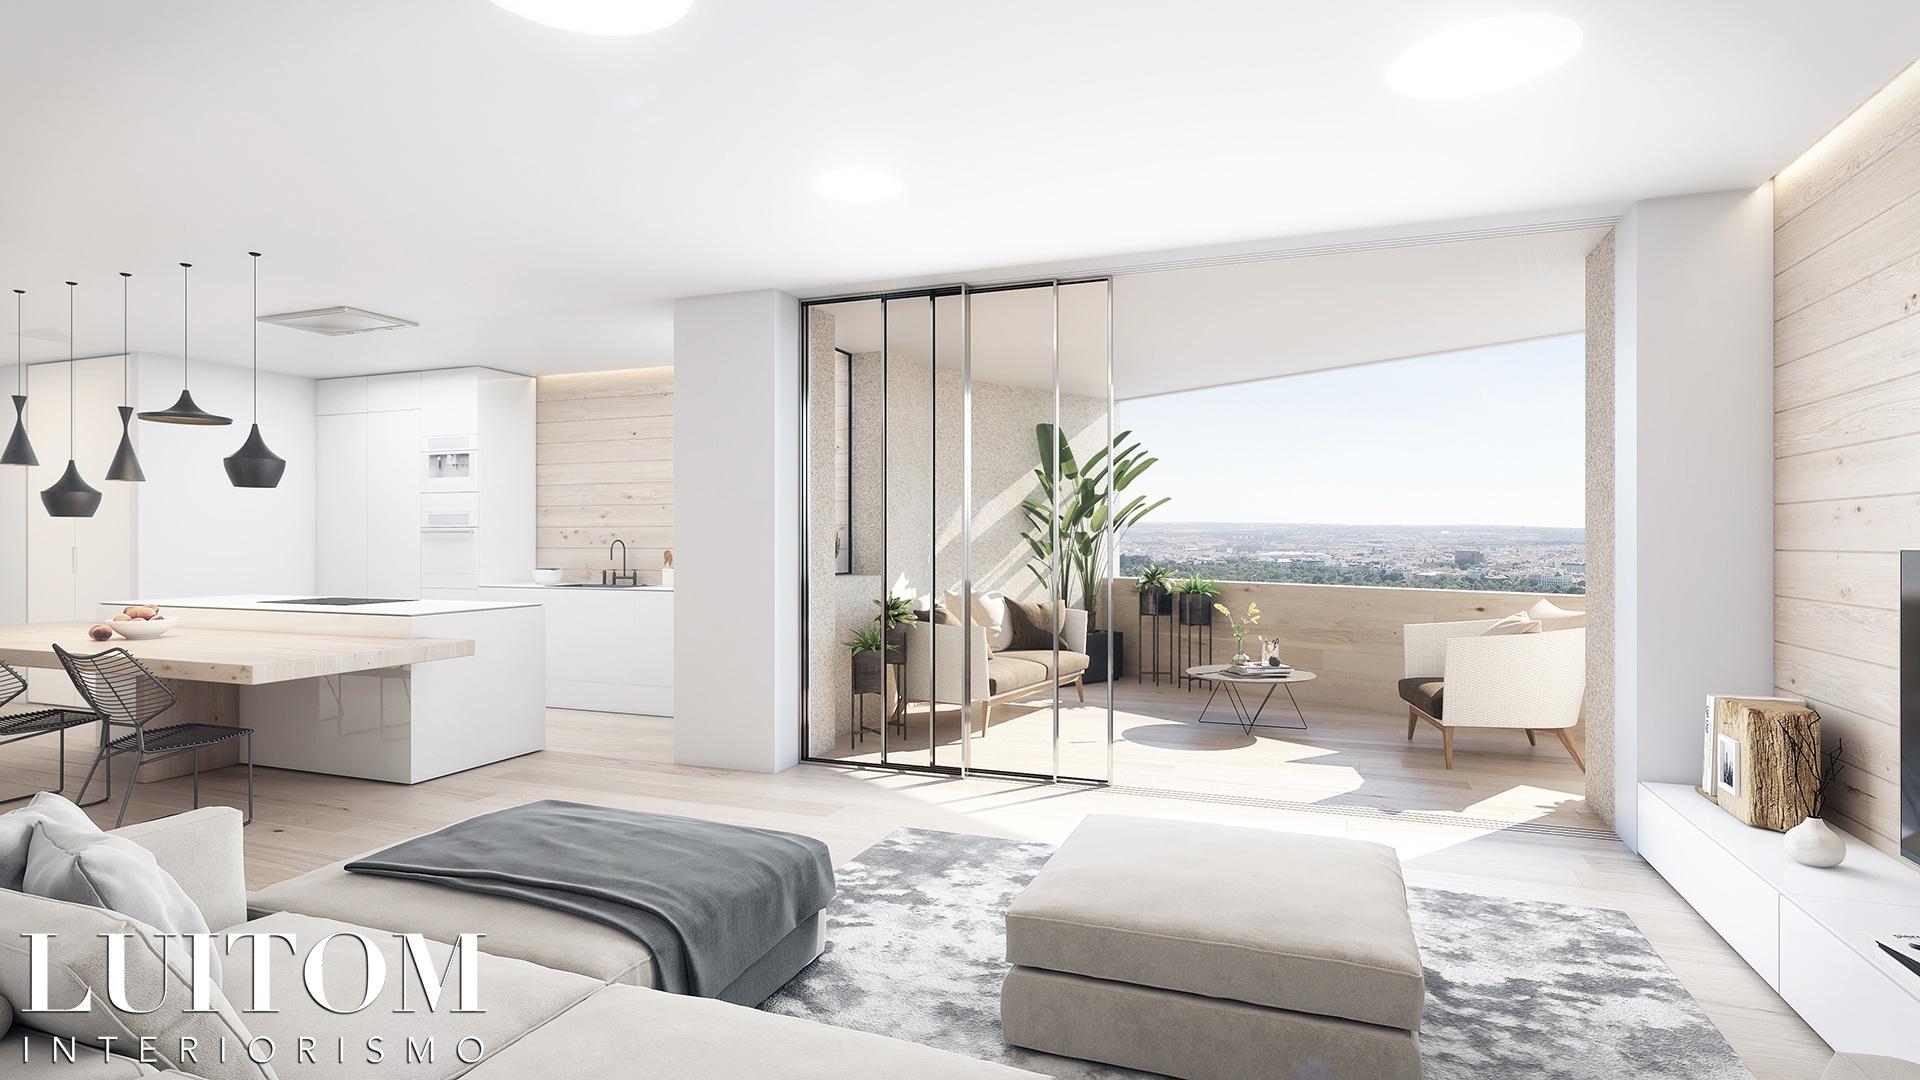 estudio-interiorismo-decoracion-interior-viviendas-proyectos-reformas-construccion-casas-madrid-06